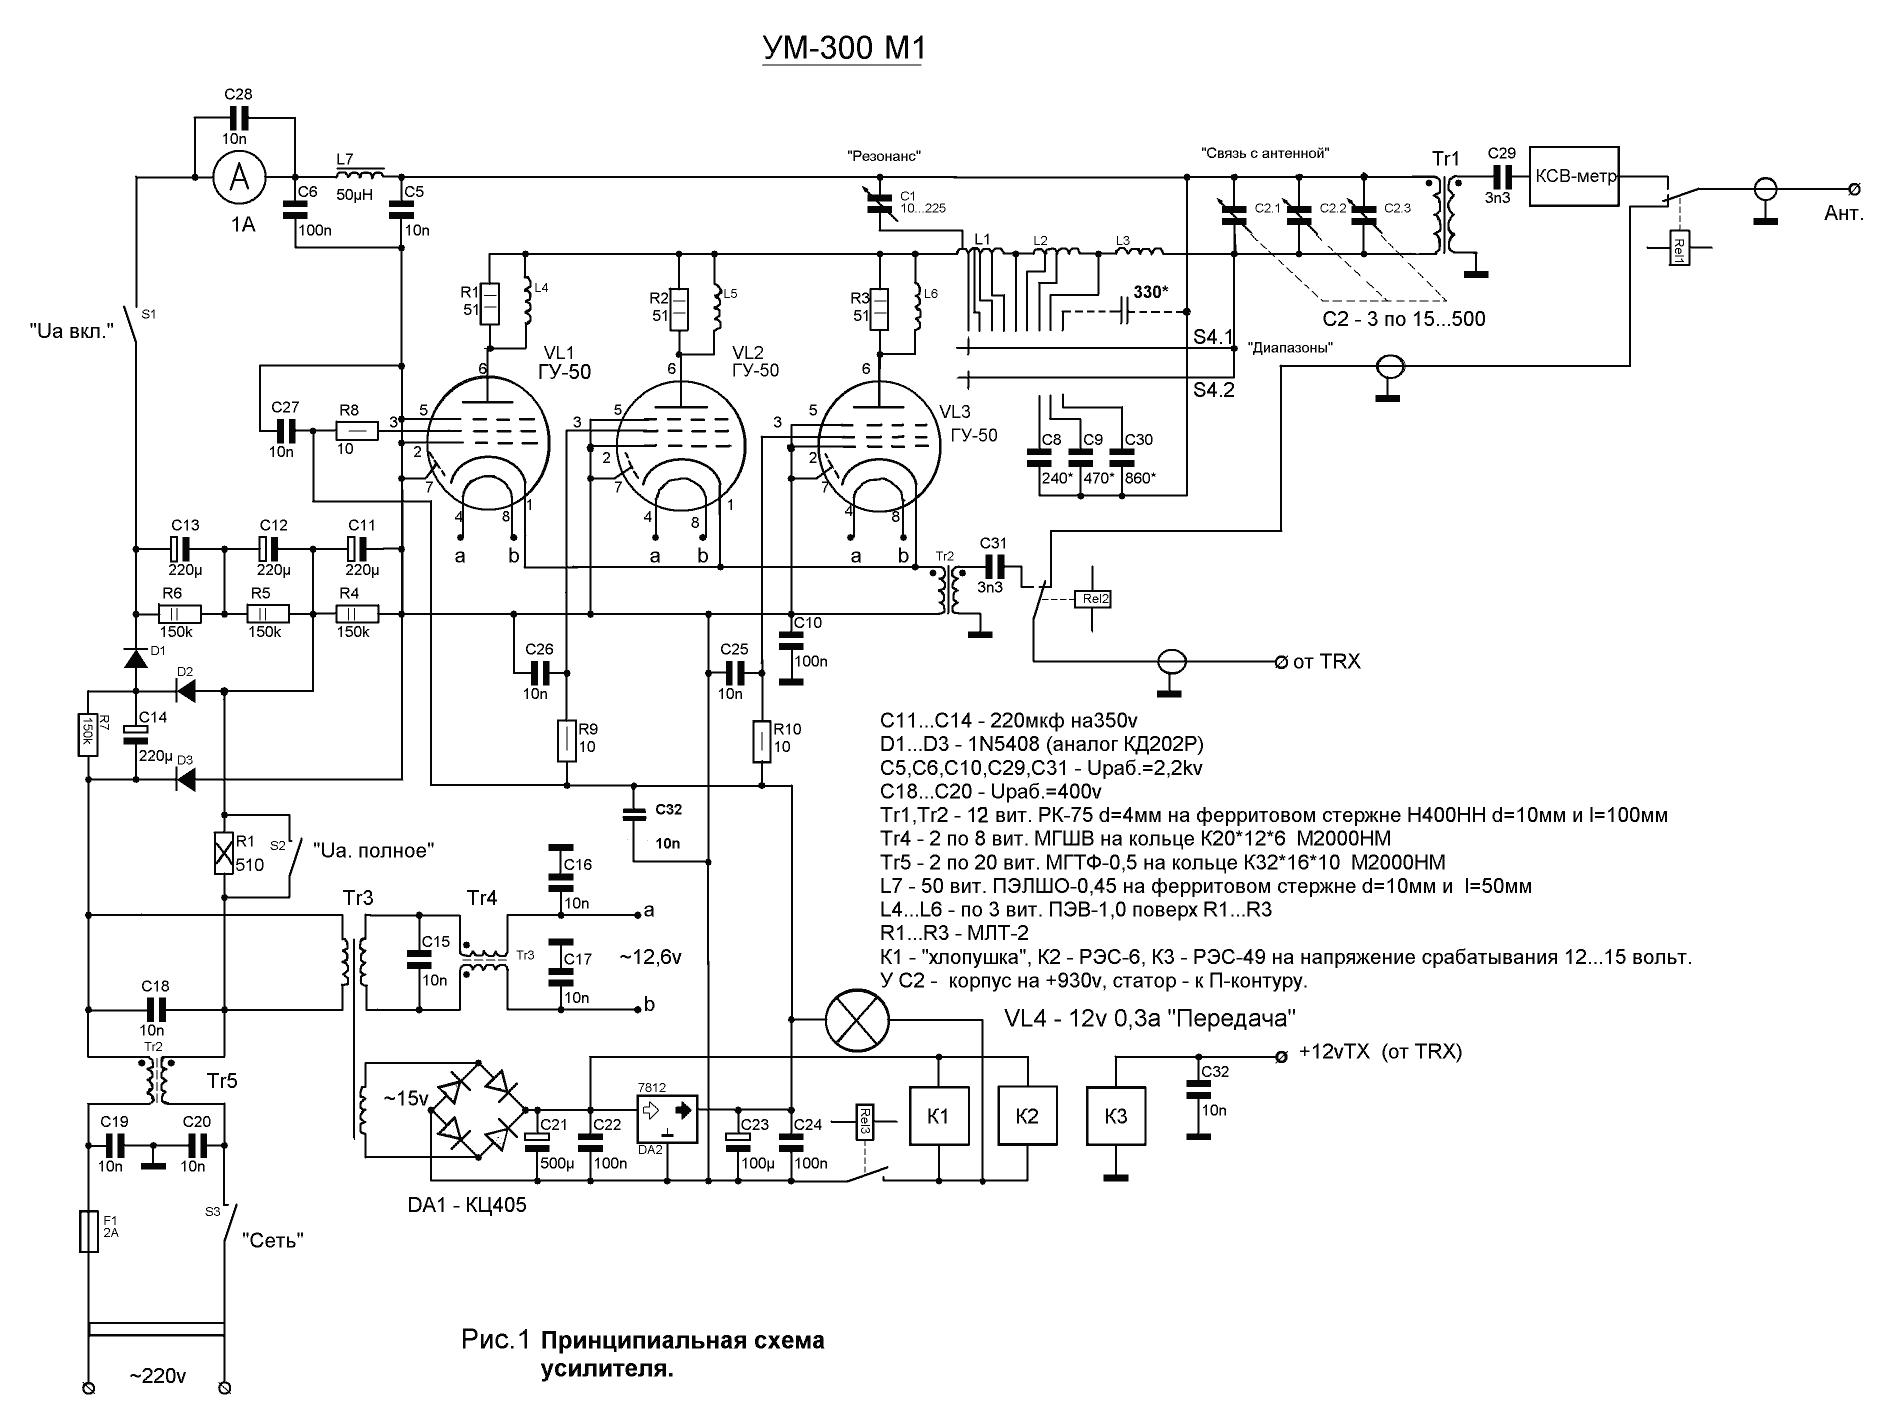 Кв усилители на irfp250